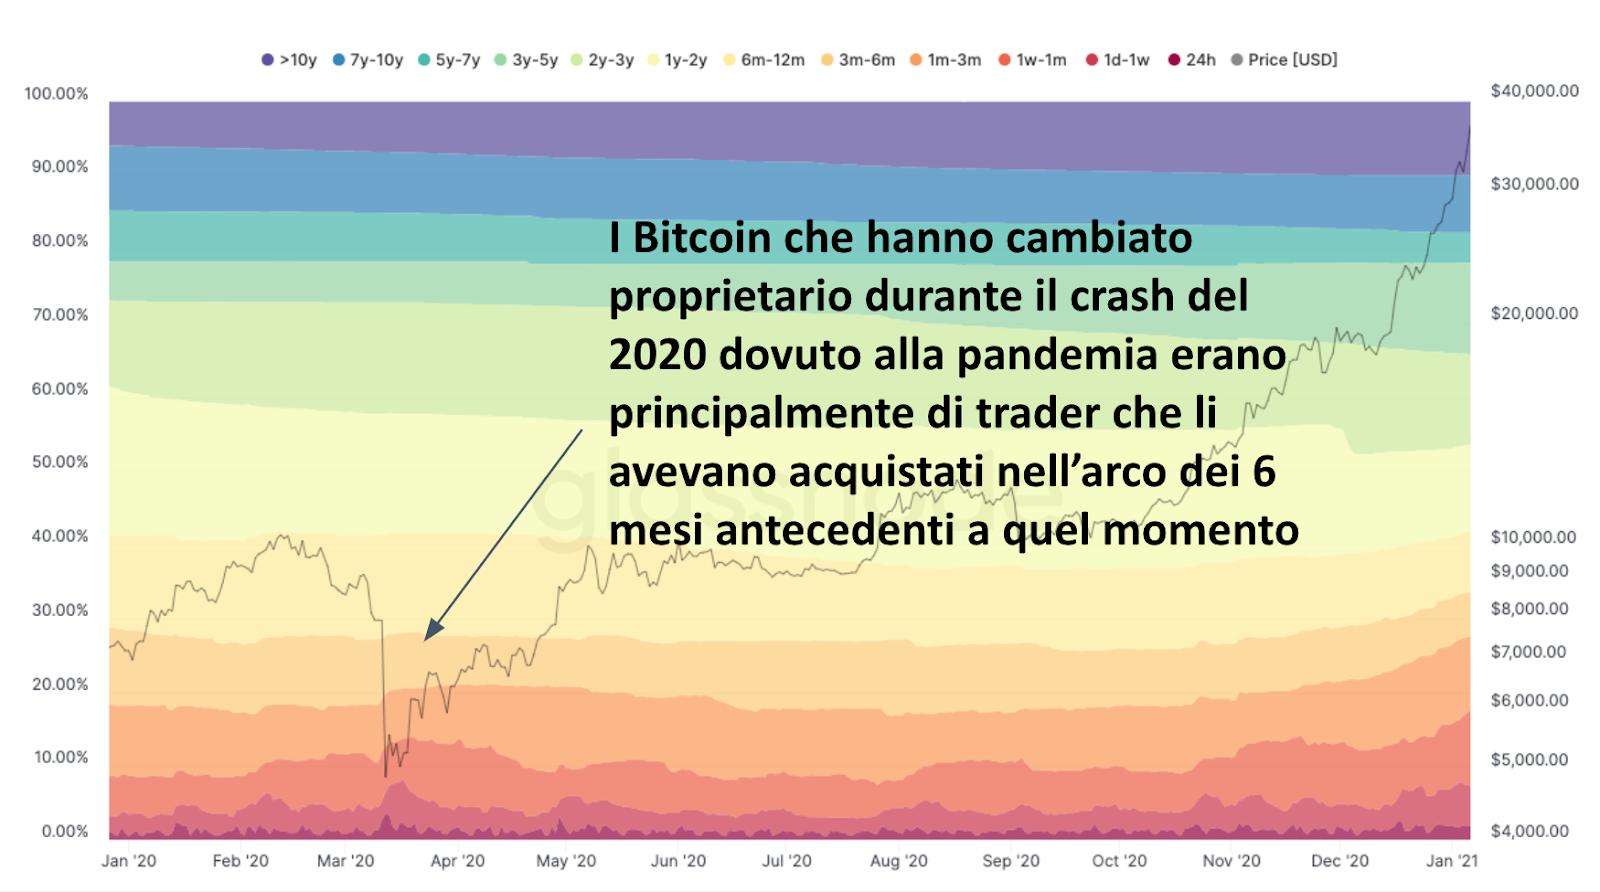 bitcoin investitori demografici piattaforme criptovalute exchange